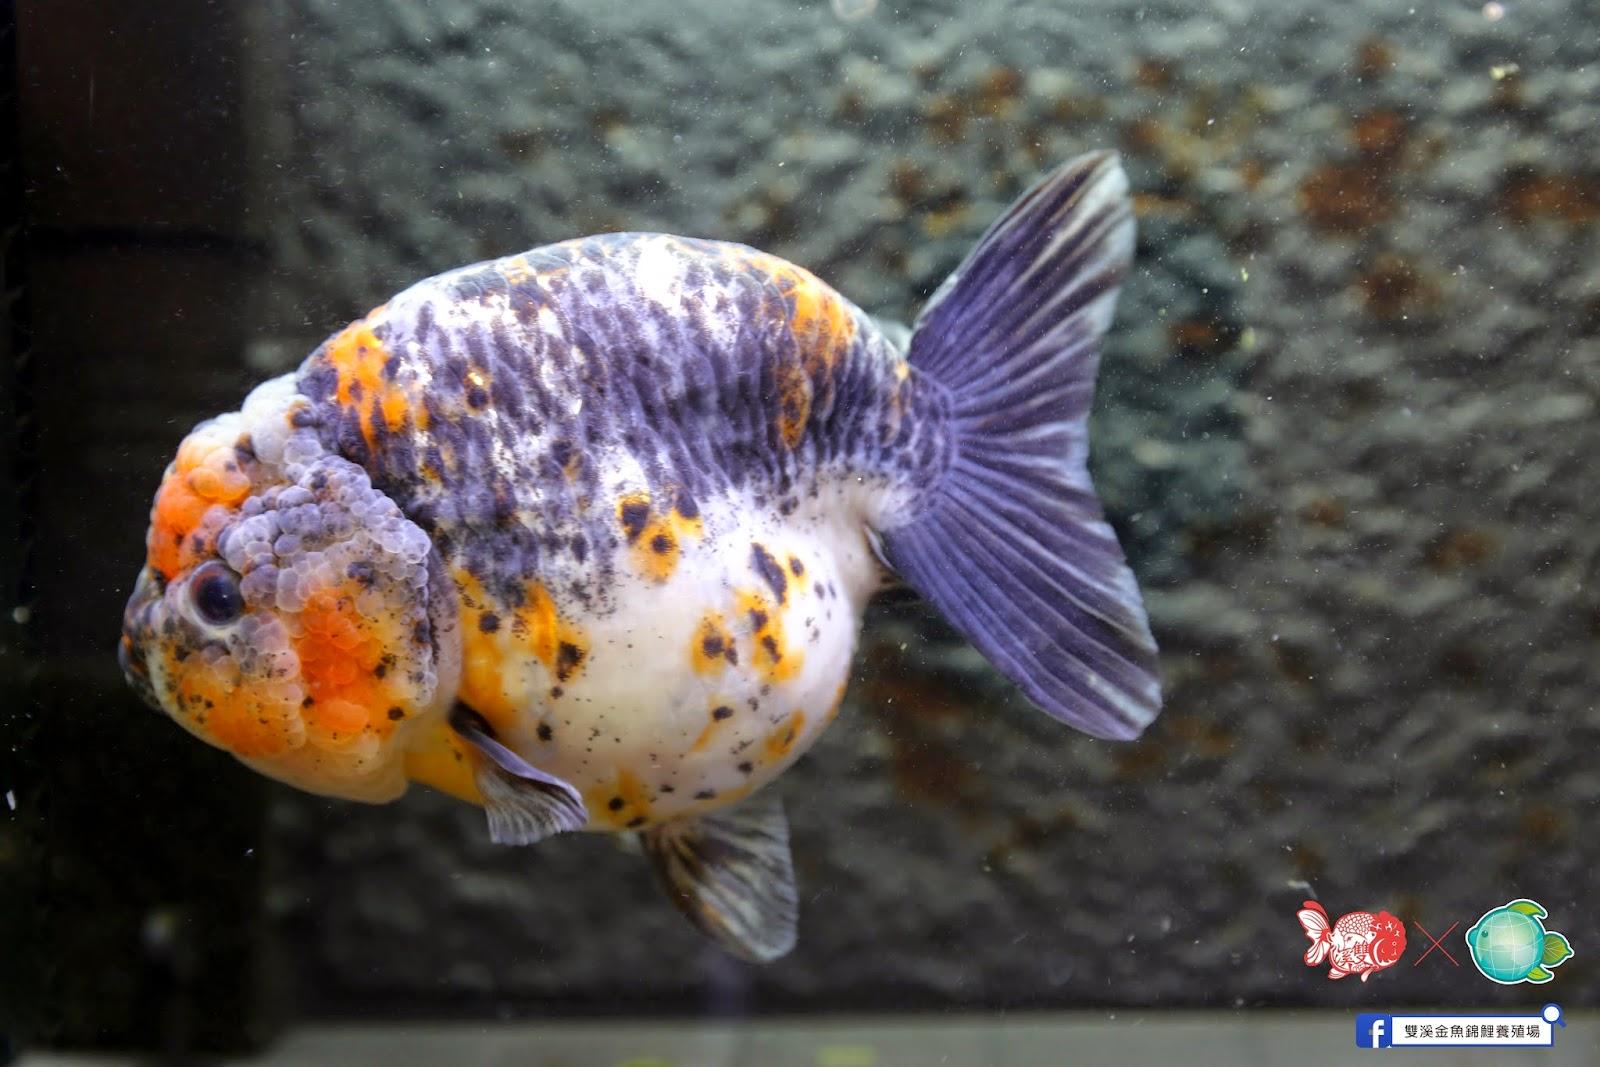 雙溪金魚錦鯉養殖場Shuangxi Goldfish & Koi farm:進出口蘭壽,琉金,獅頭,蝶尾: 倒數2天:麒麟蘭壽